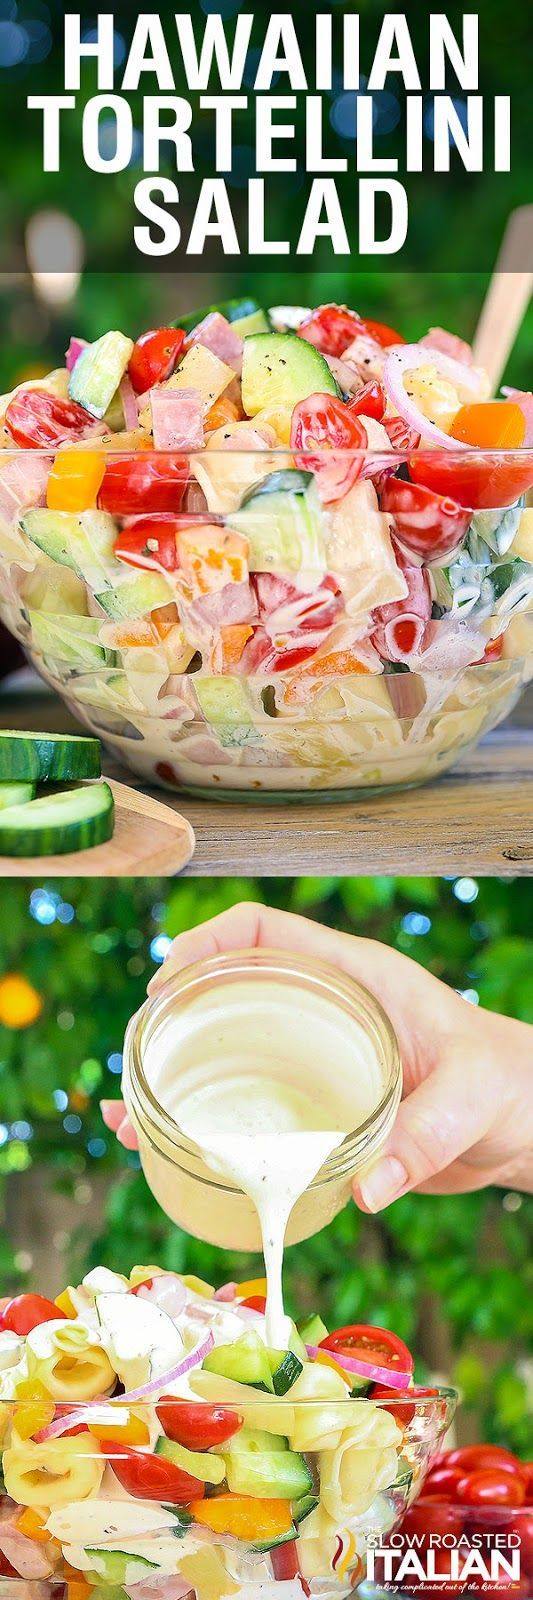 # Hühnersalat # Fruchtsalat #Gesundheitssalat #Salat #Salatrezepte    – Salat